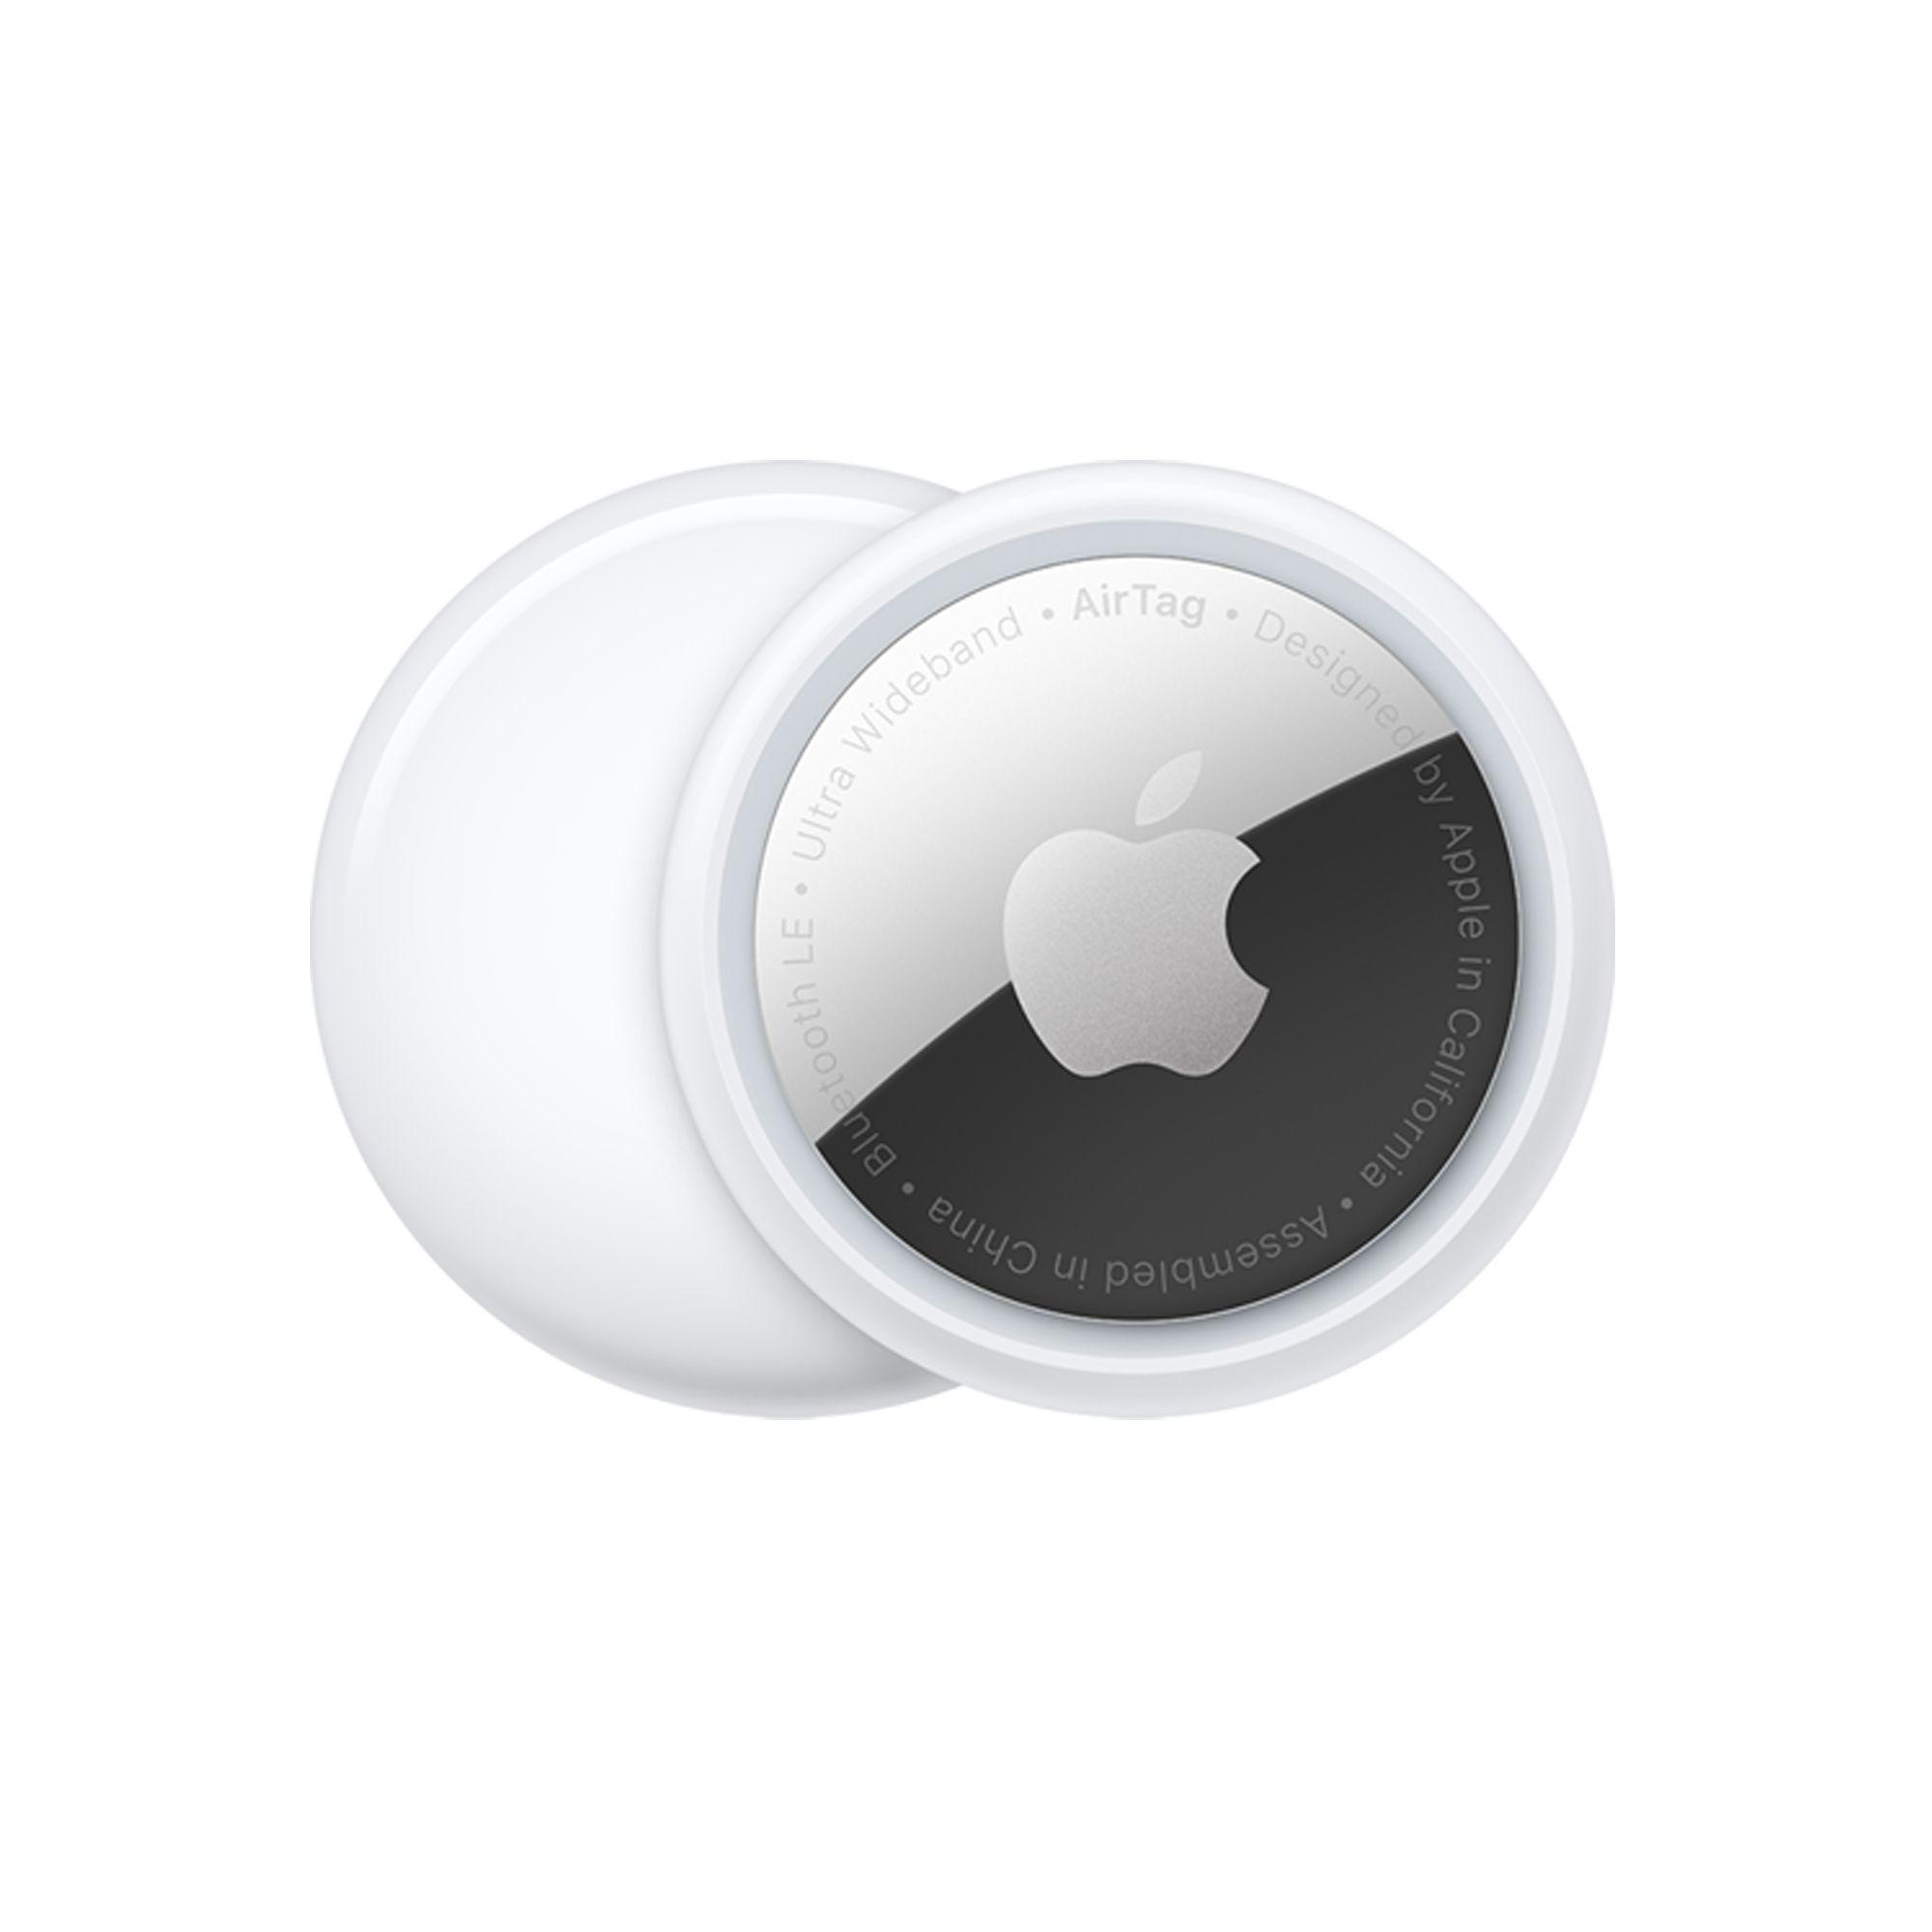 Thiết bị định vị thông minh Apple  AirTag - 1 Pack Chính Hãng